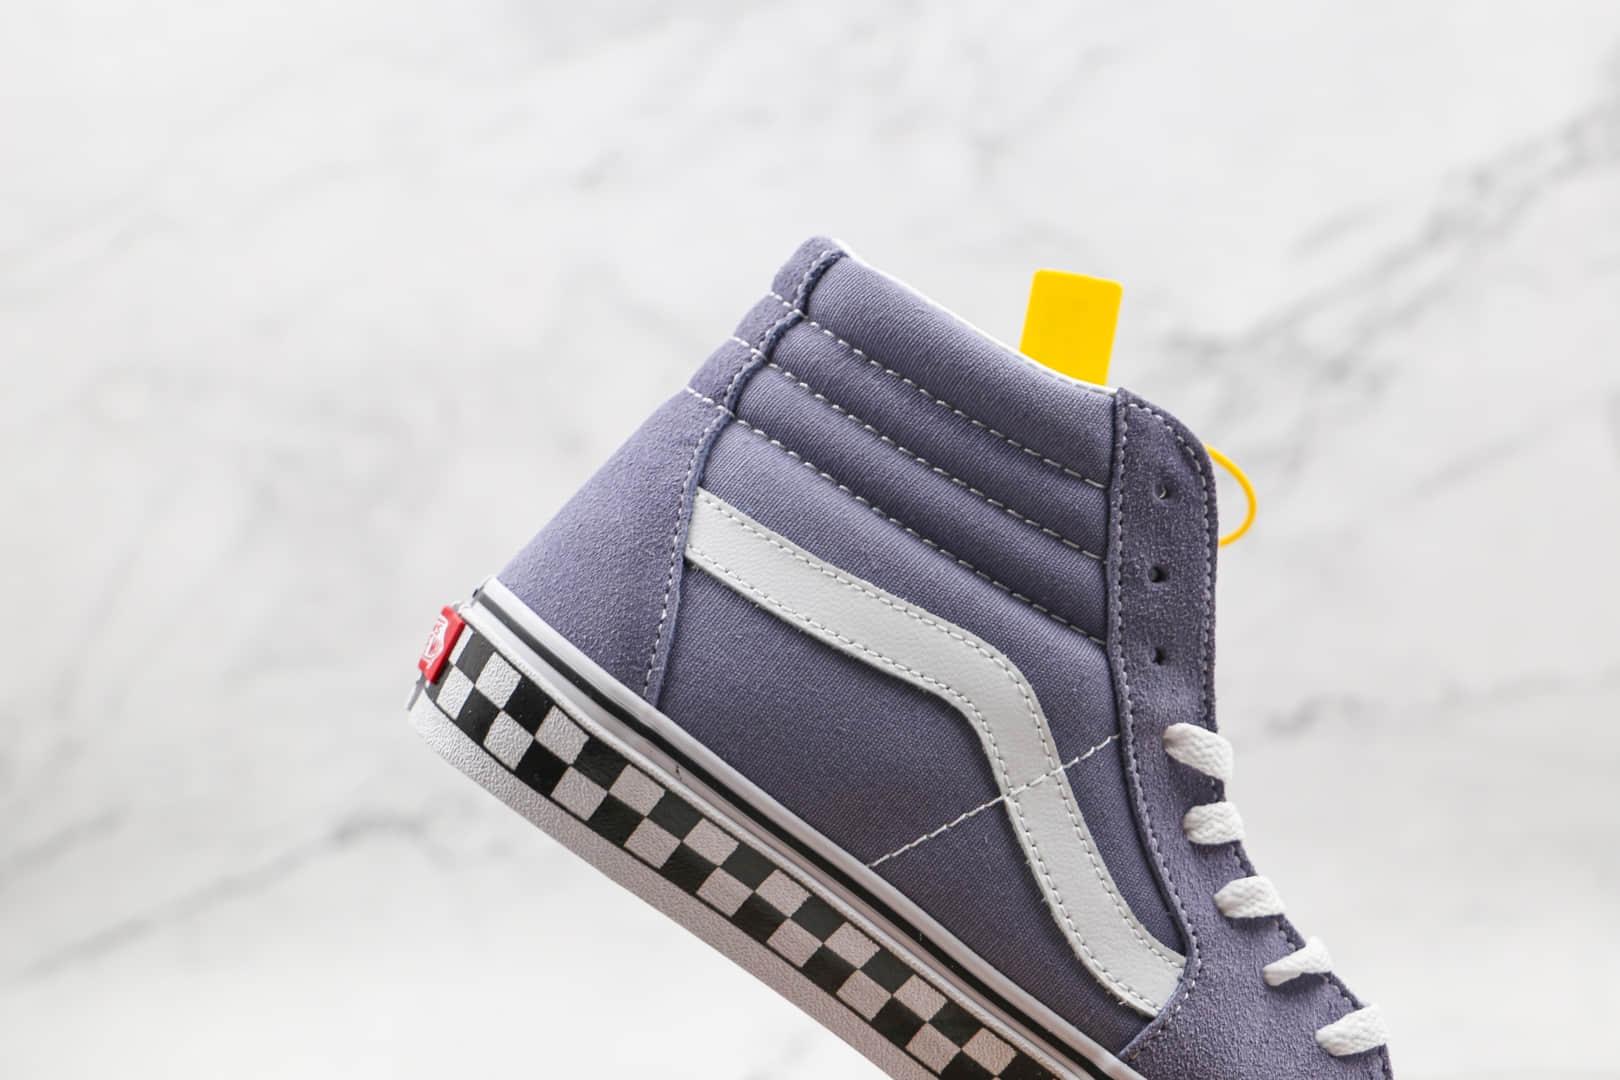 万斯Vans SK8-Hi公司级版本高帮灰色棋盘格麂皮硫化鞋原档案数据开发